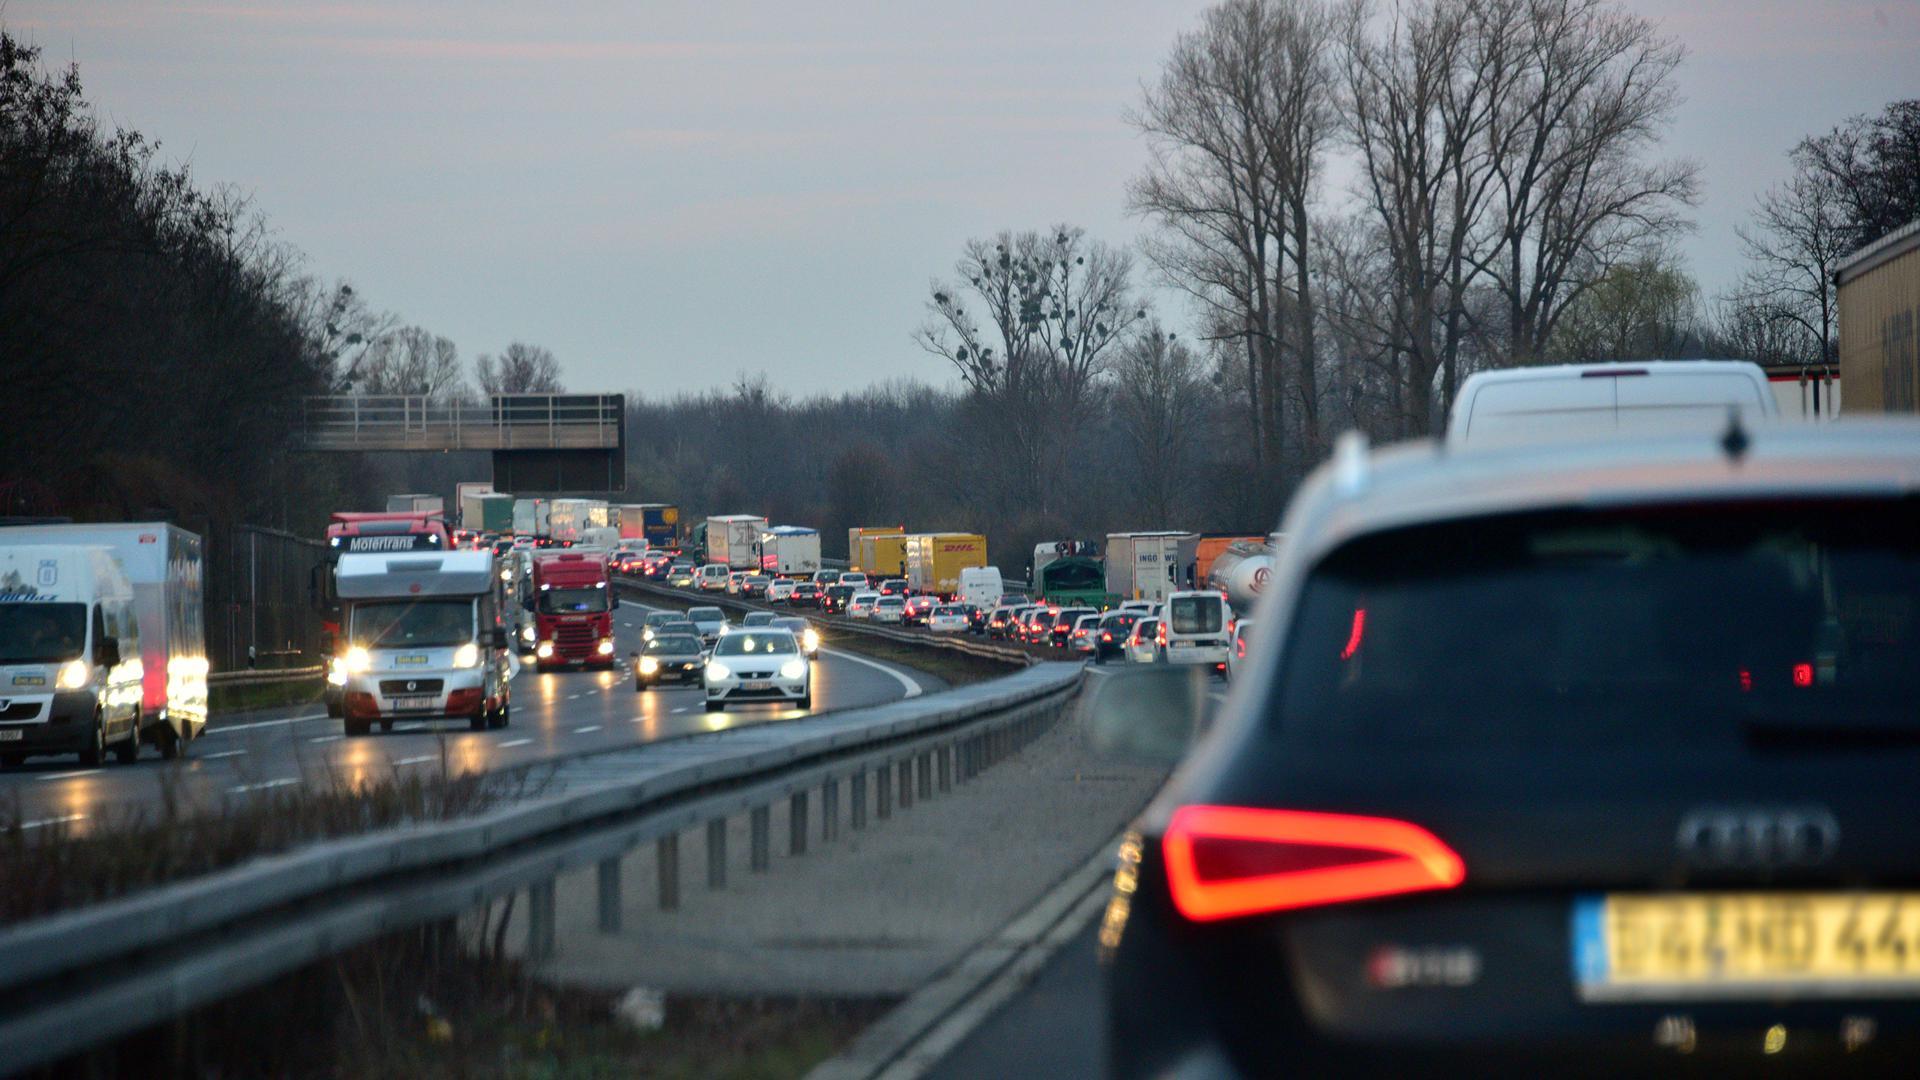 Stau auf der Autobahn in Fahrtrichtung (Symbolbild)